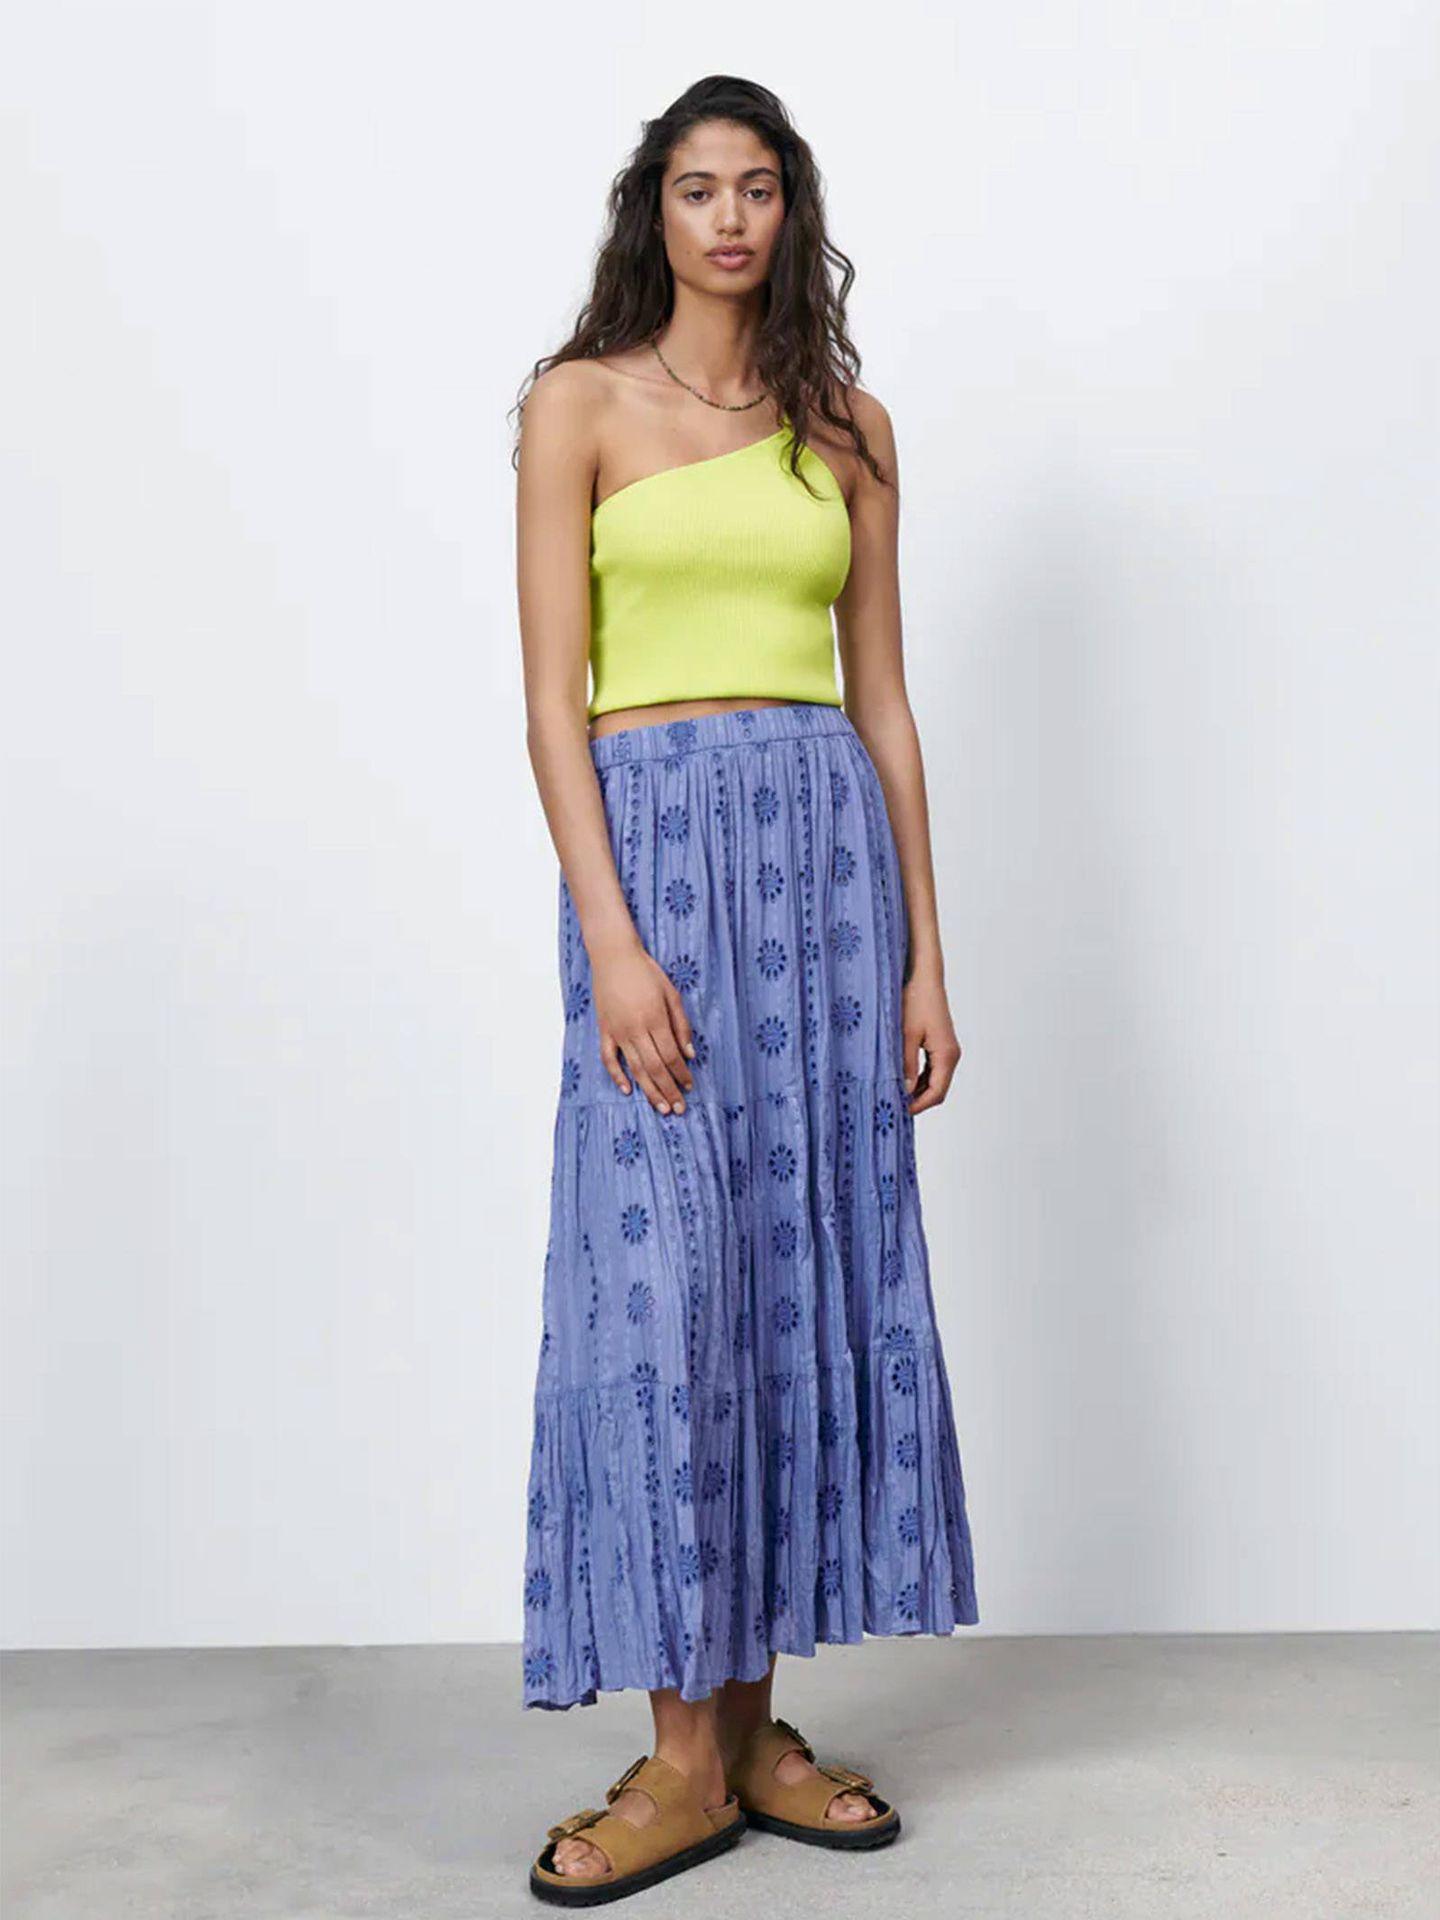 Falda larga de Zara para el verano. (Cortesía)